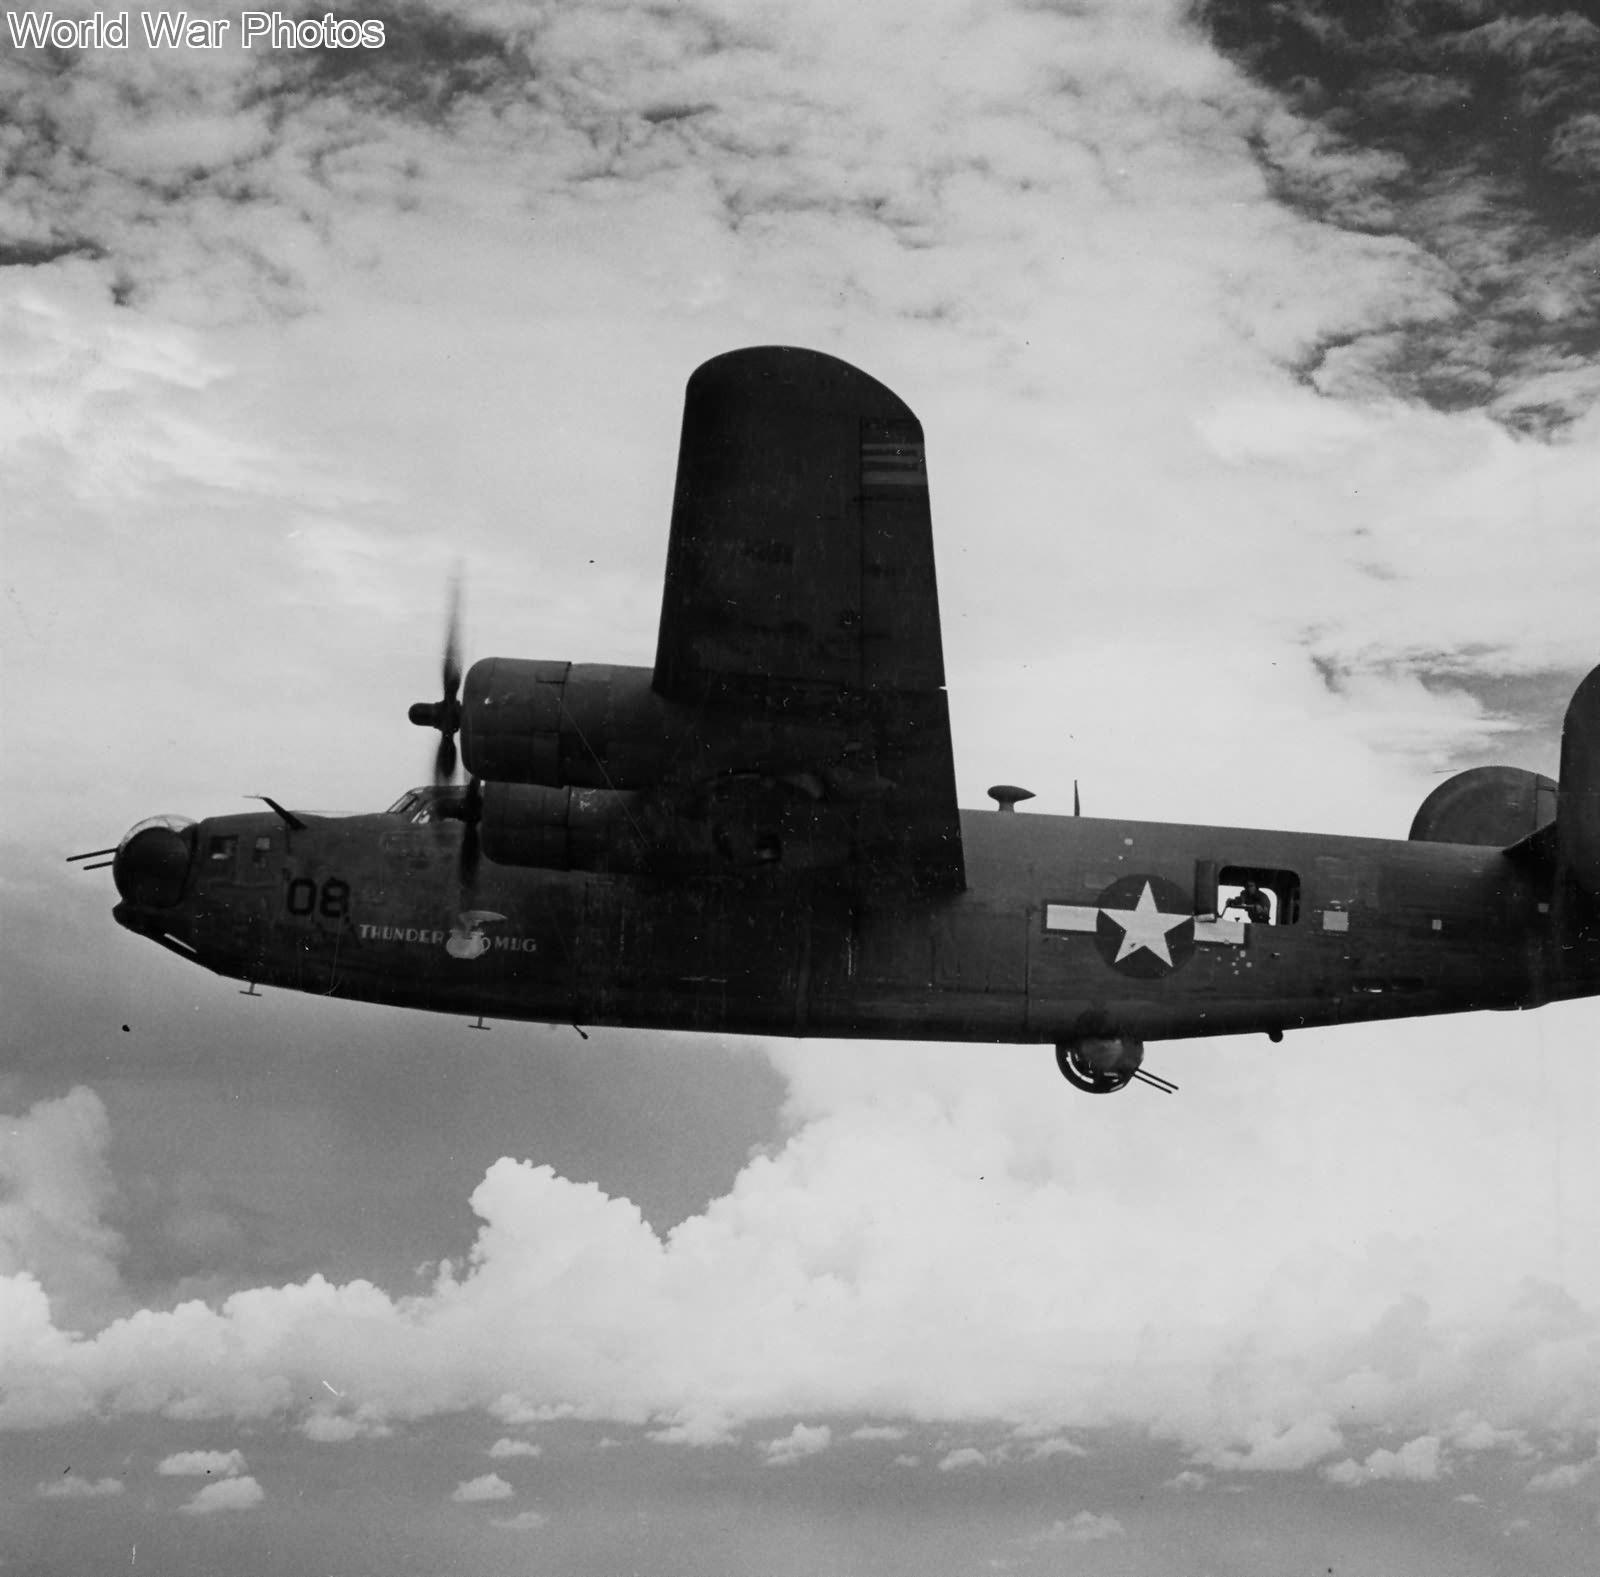 PB4Y-1 Thunder mug over Kwajalein Atoll June 1944 | World